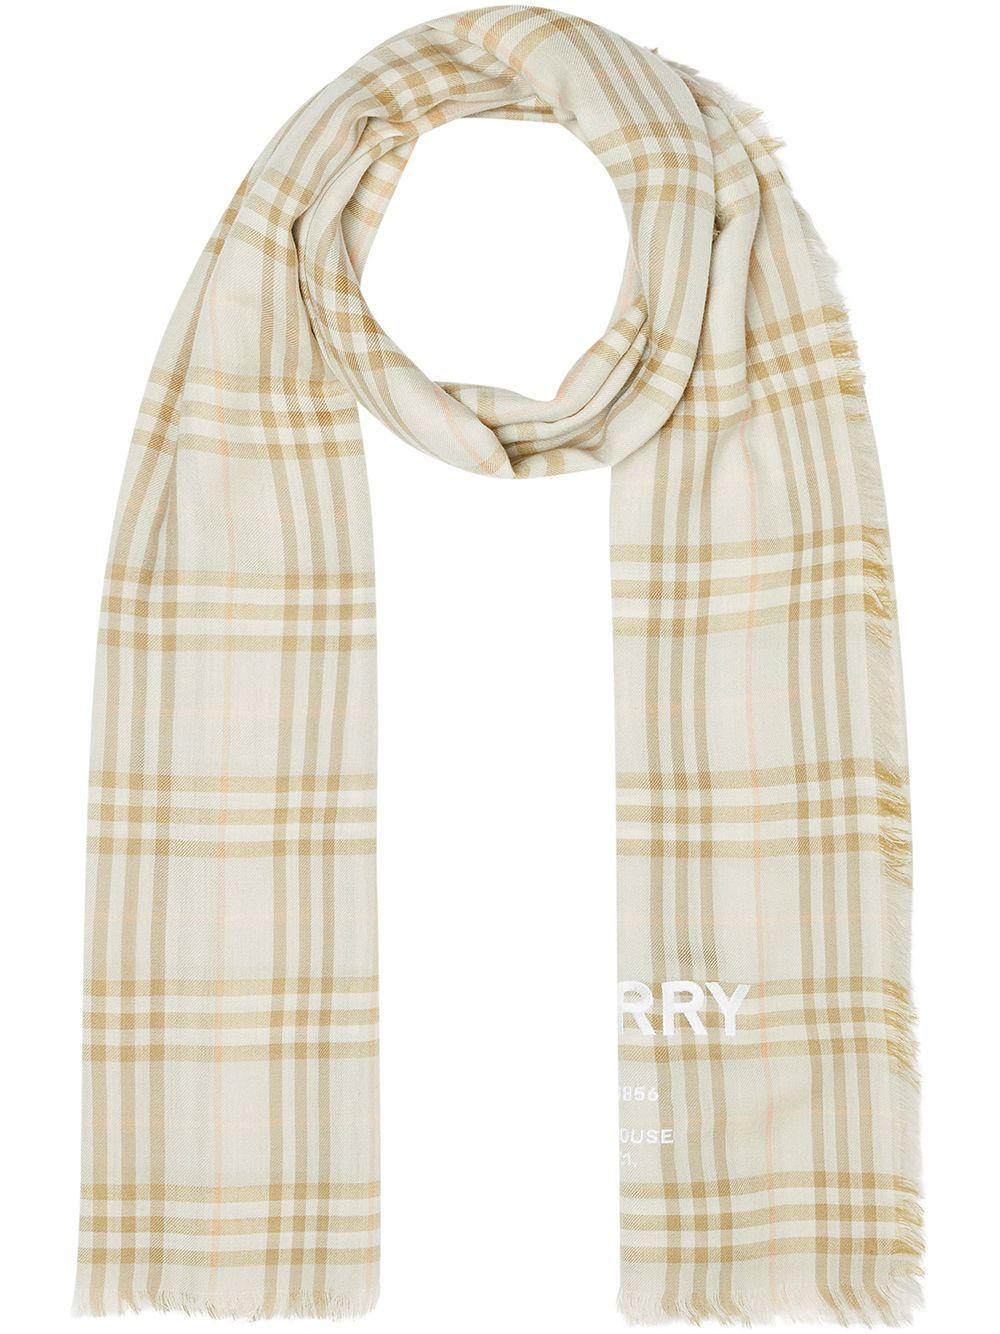 BURBERRY | легкий кашемировый шарф в клетку Vintage Check с вышивкой | Clouty